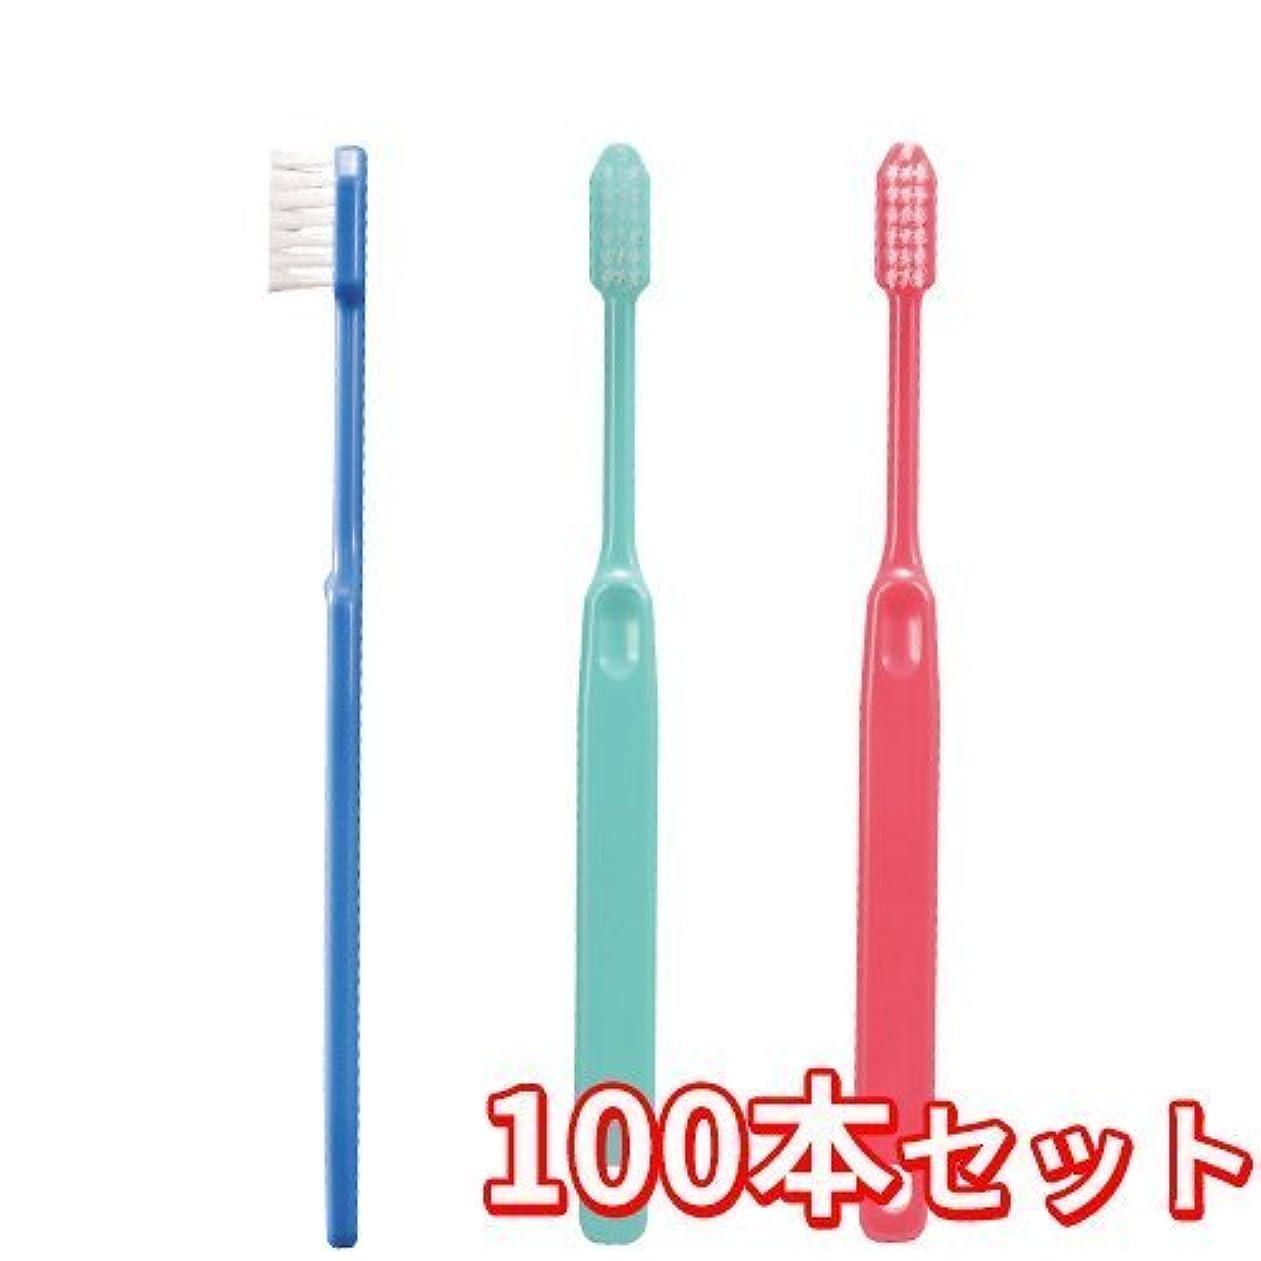 共和党ポップ探すCiメディカル 歯ブラシ コンパクトヘッド 疎毛タイプ アソート 100本 (Ci23(やややわらかめ))